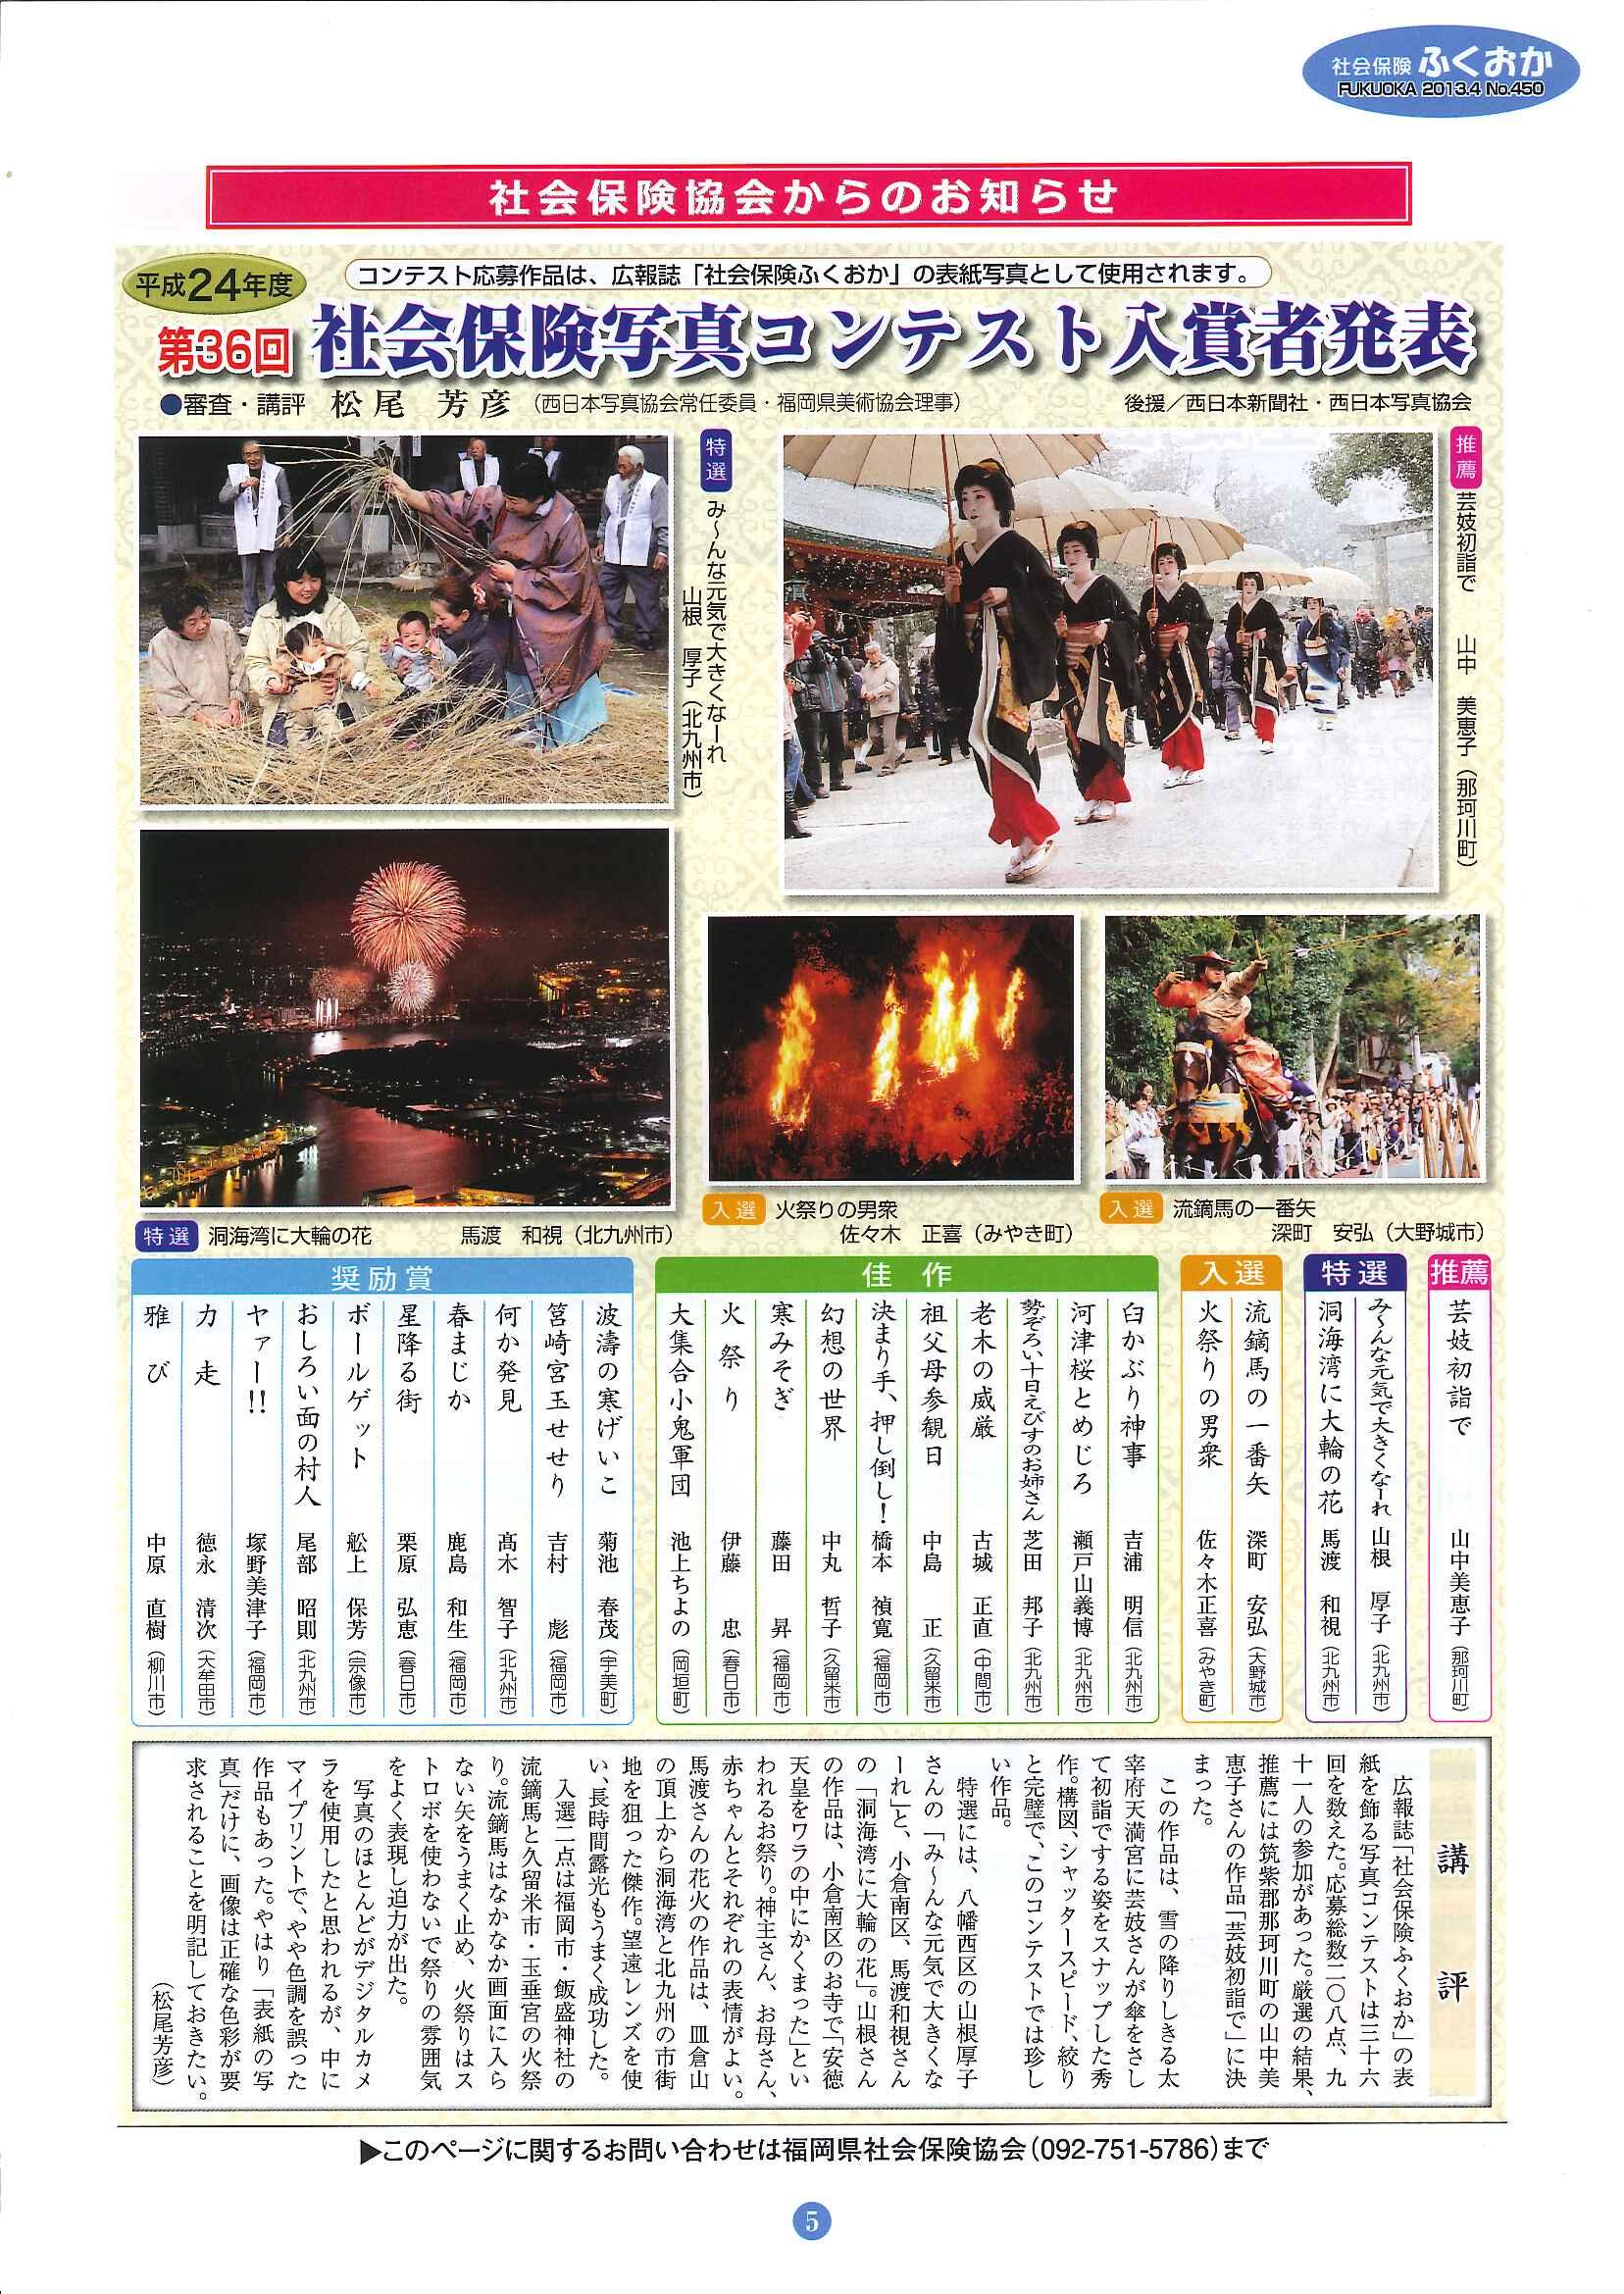 社会保険 「ふくおか」 2013年4月号_f0120774_1530835.jpg